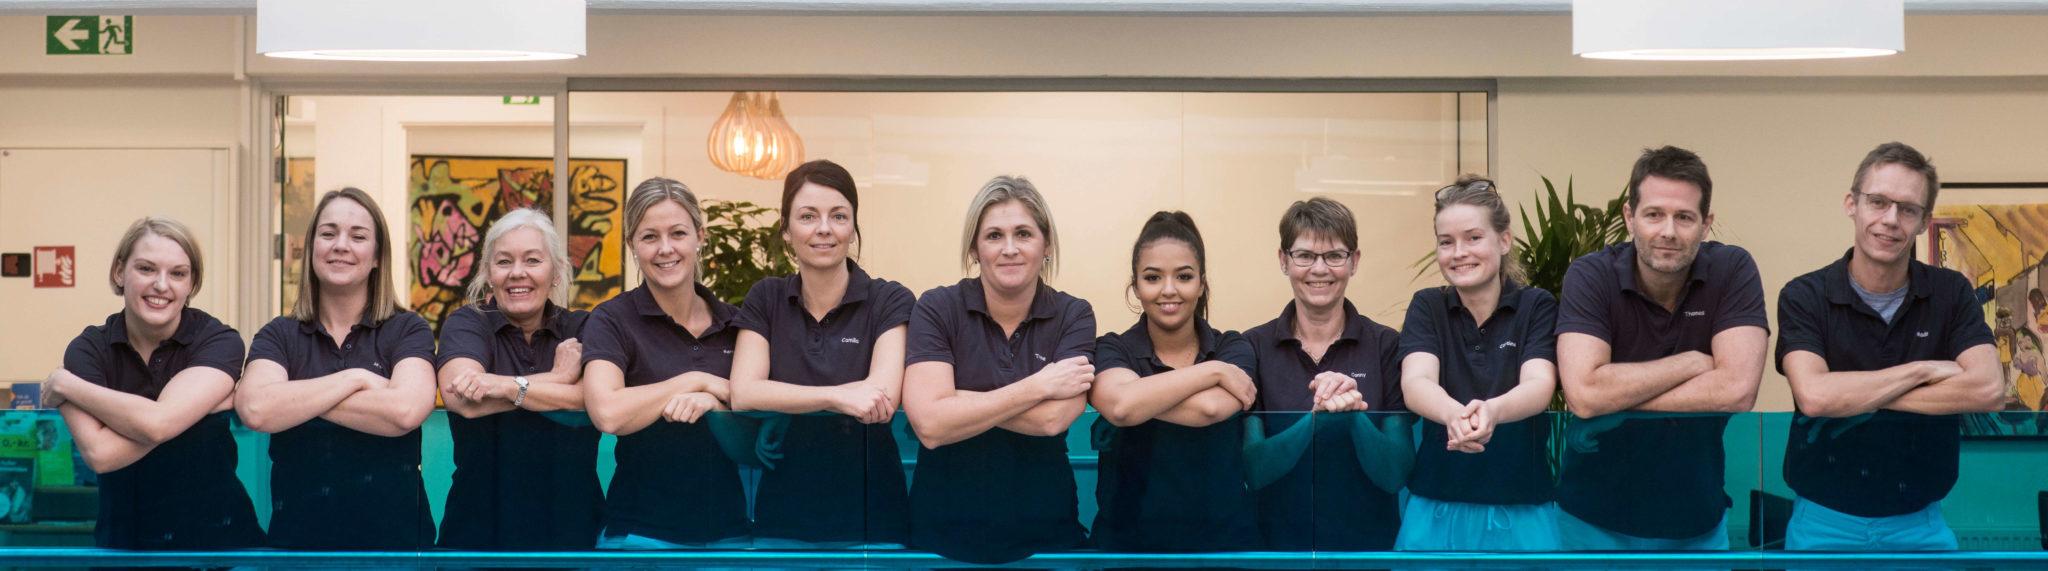 Personalet hos tandlægerne sundhedshuset Svendborg